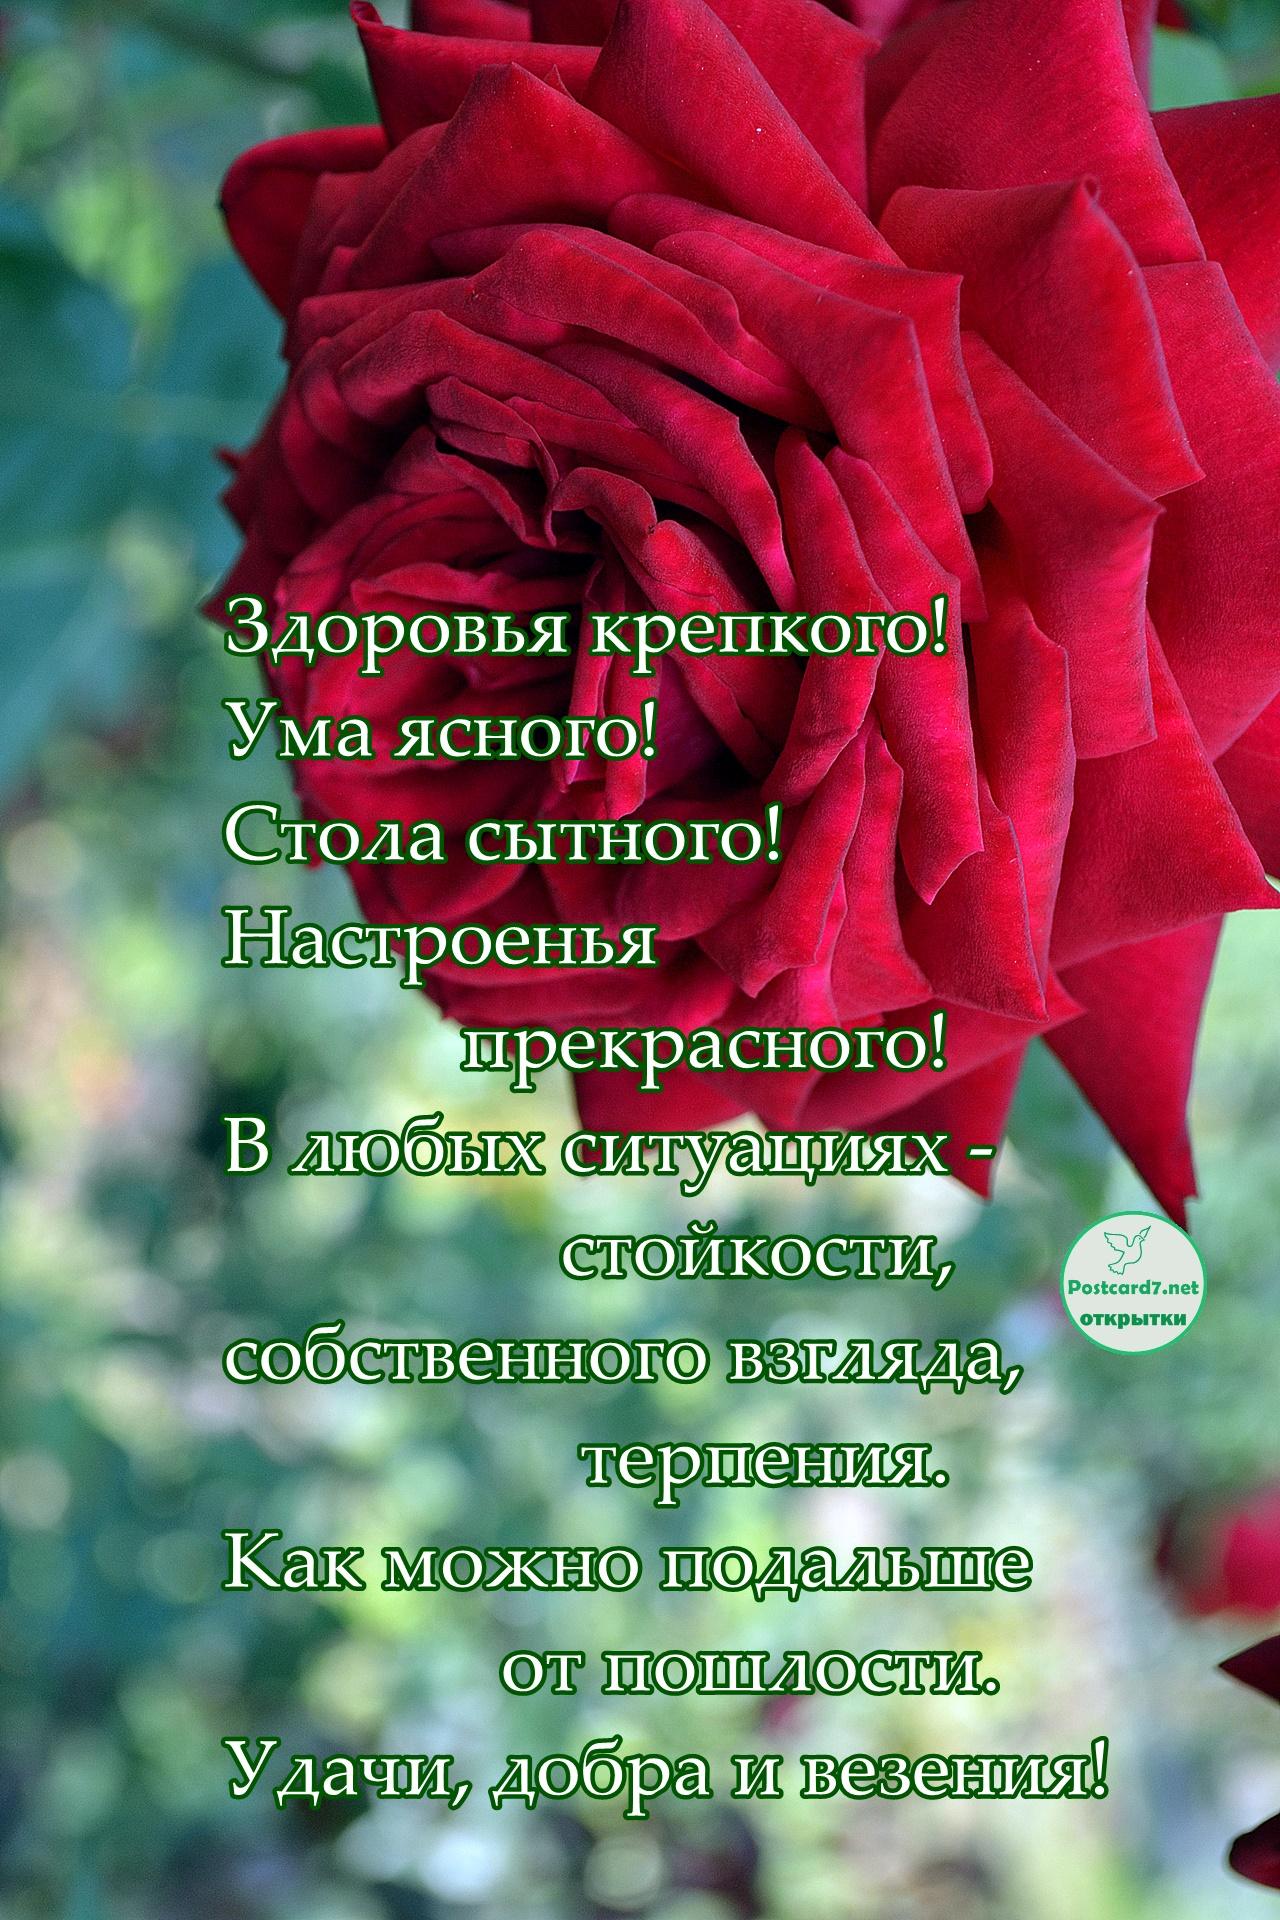 Пожелания в стихах, открытка с розой